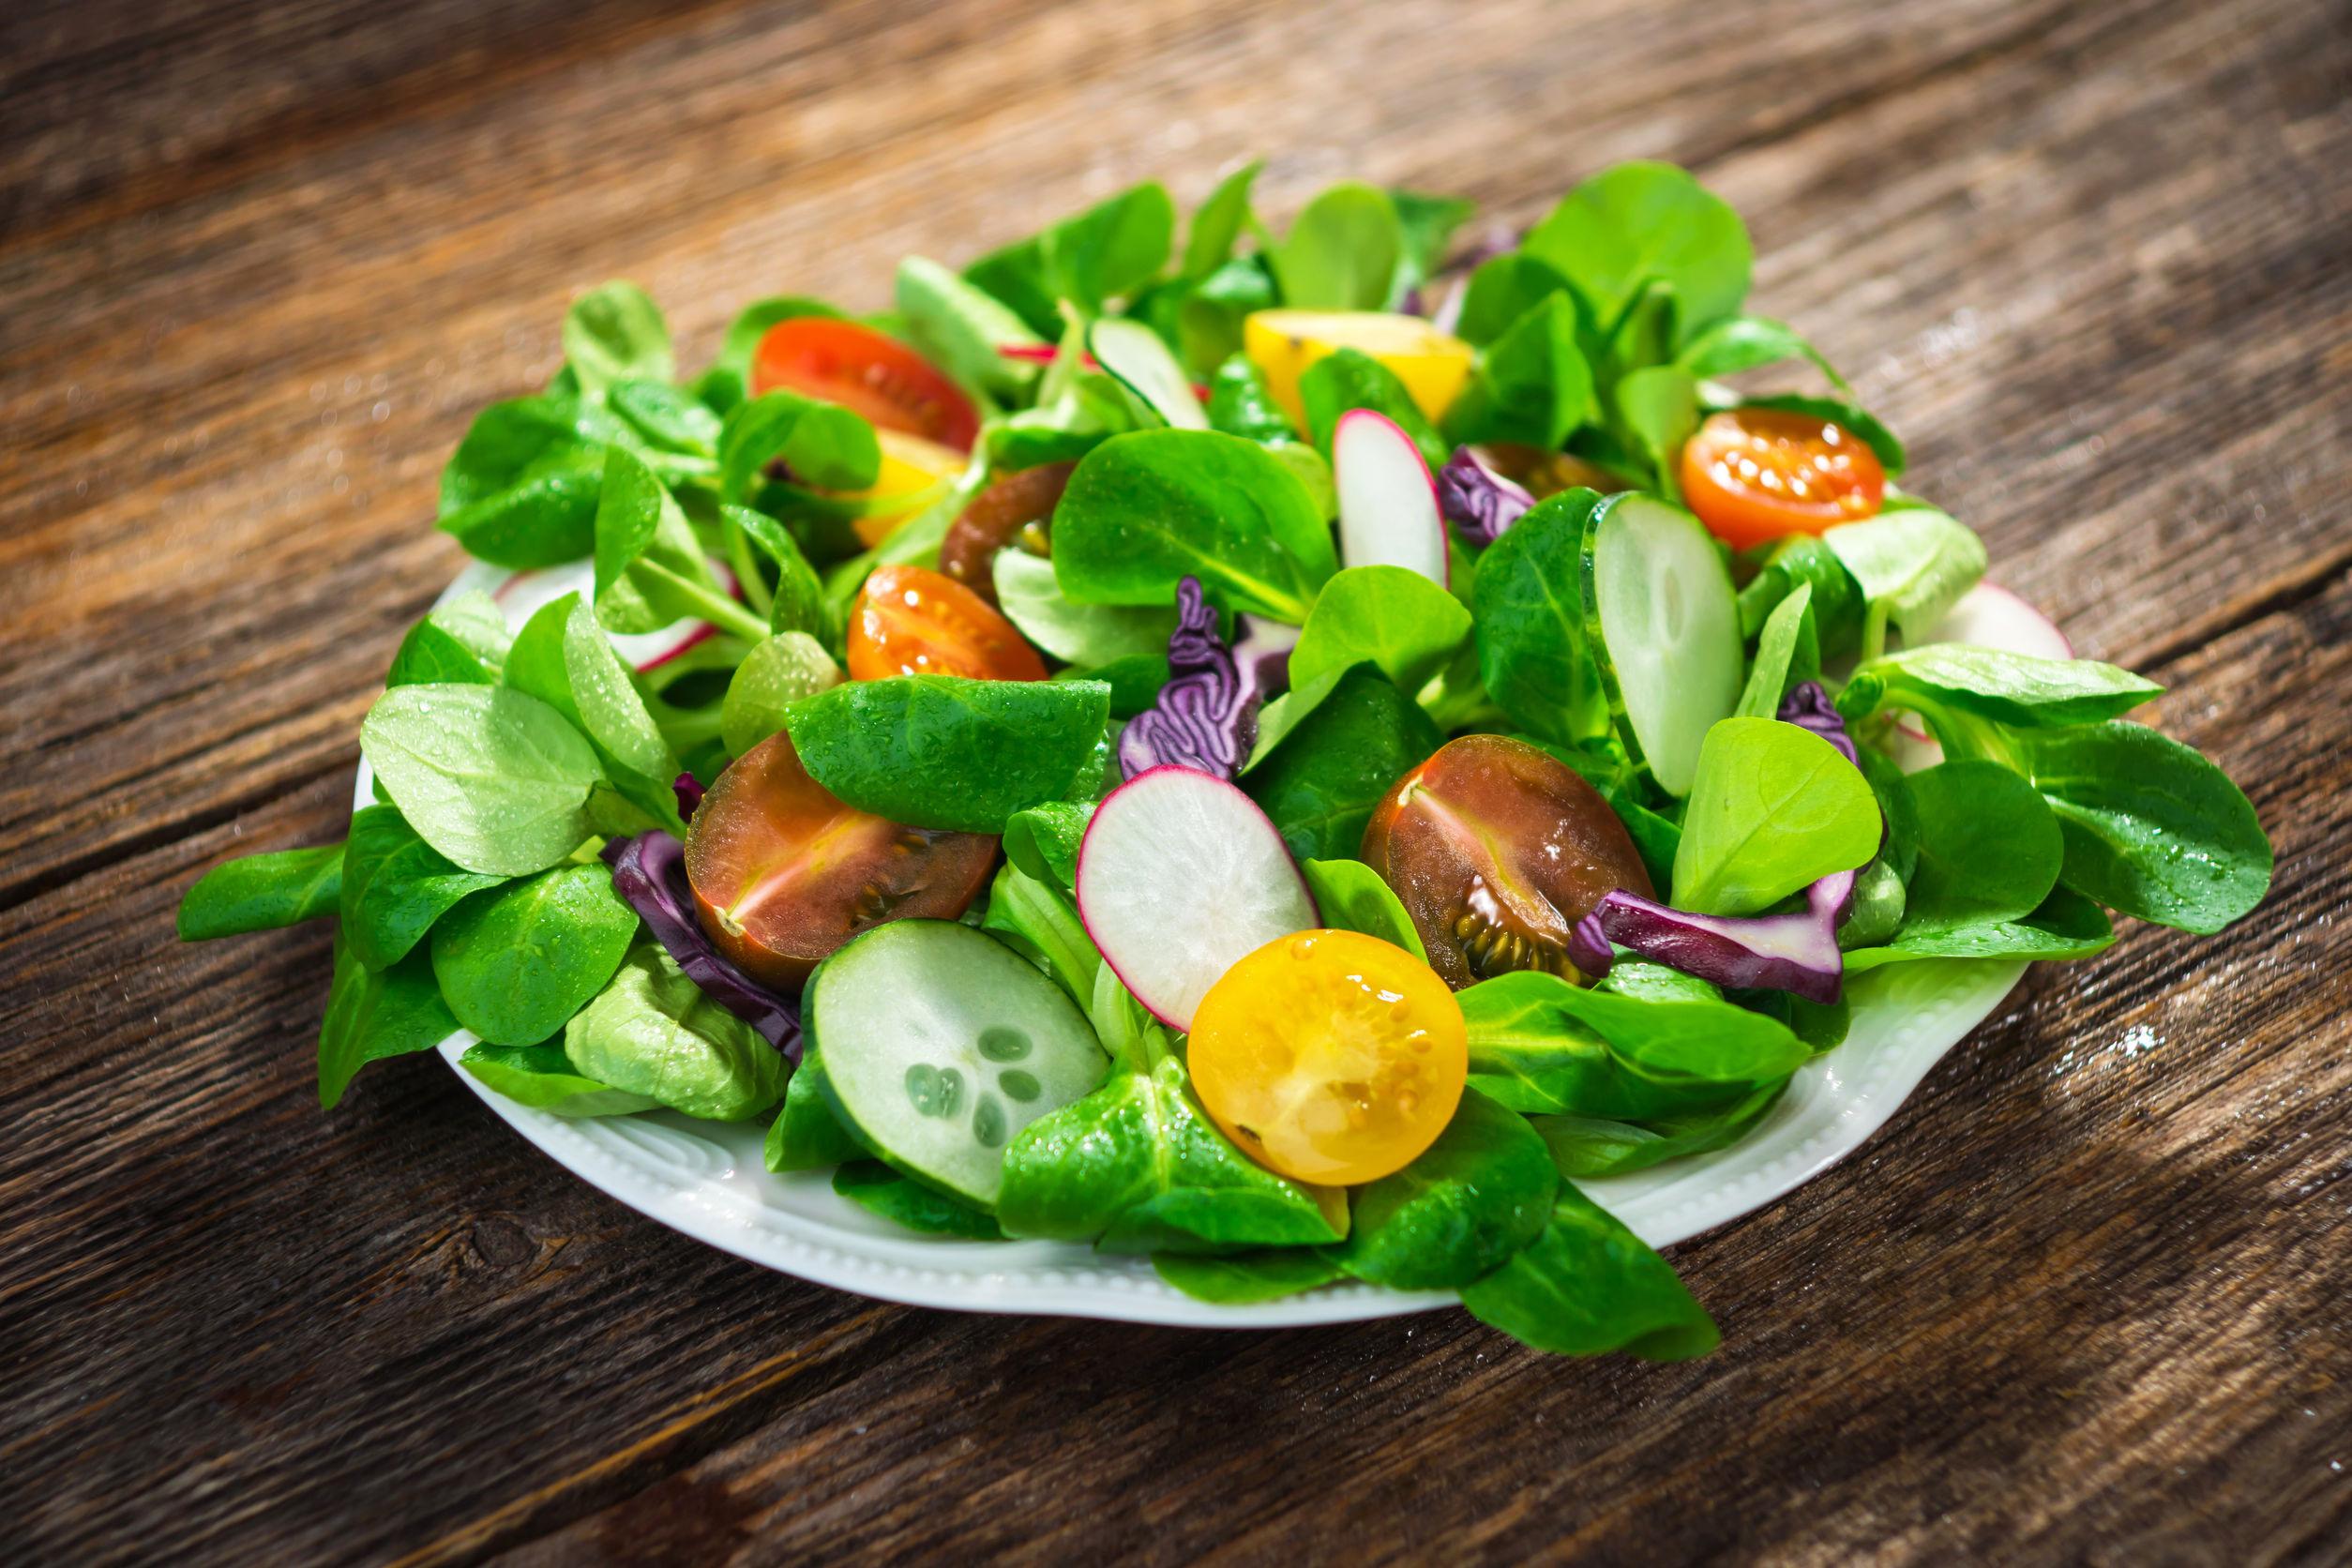 Dieta vegetariană poate produce modificări genetice asociate cu bolile de inimă şi cancerul